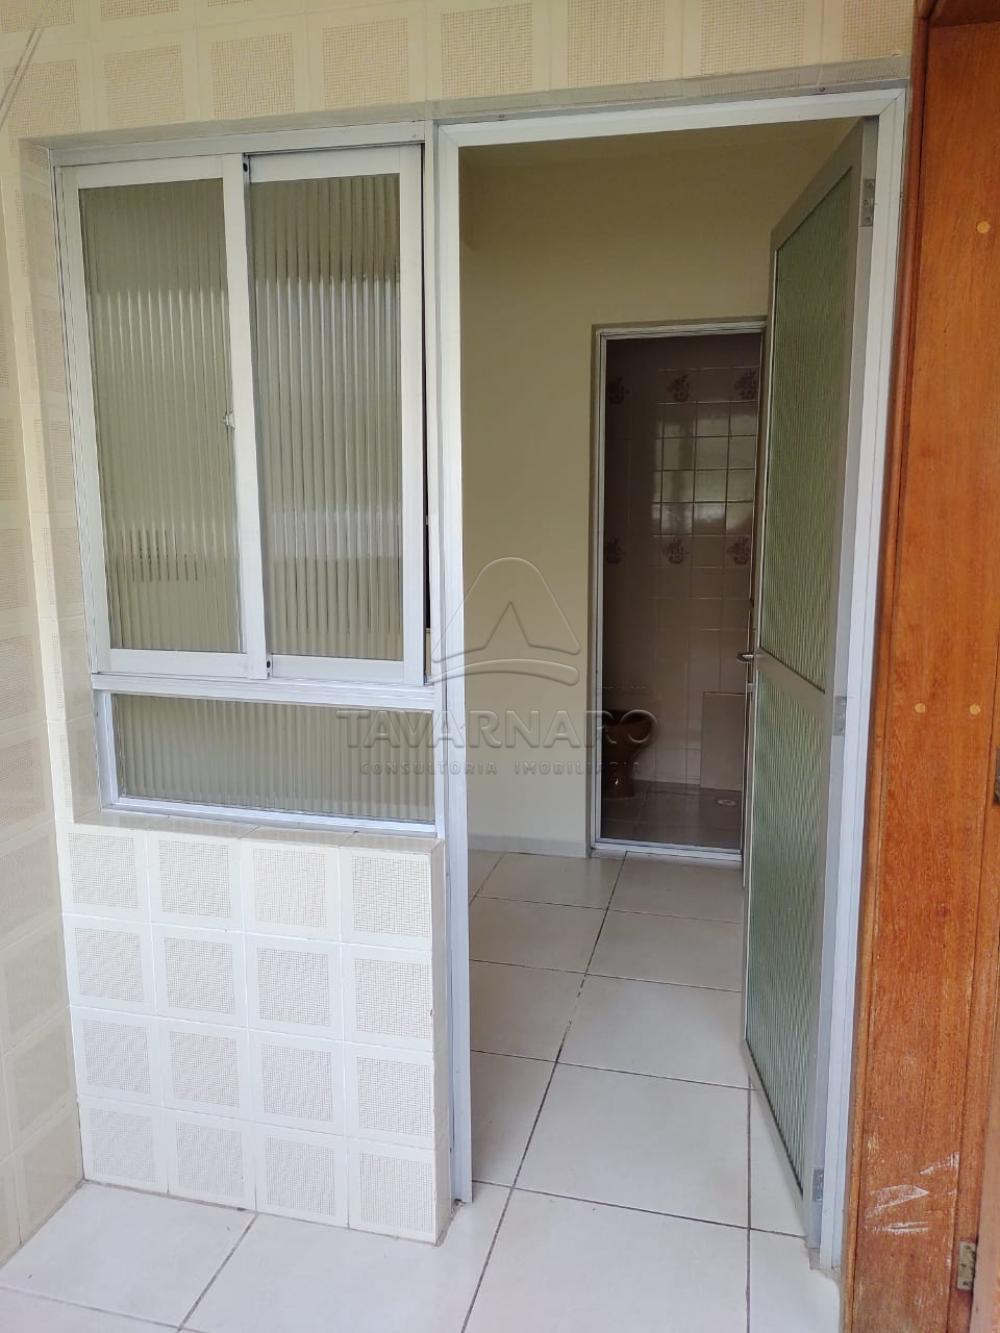 Alugar Apartamento / Padrão em Ponta Grossa apenas R$ 820,00 - Foto 3